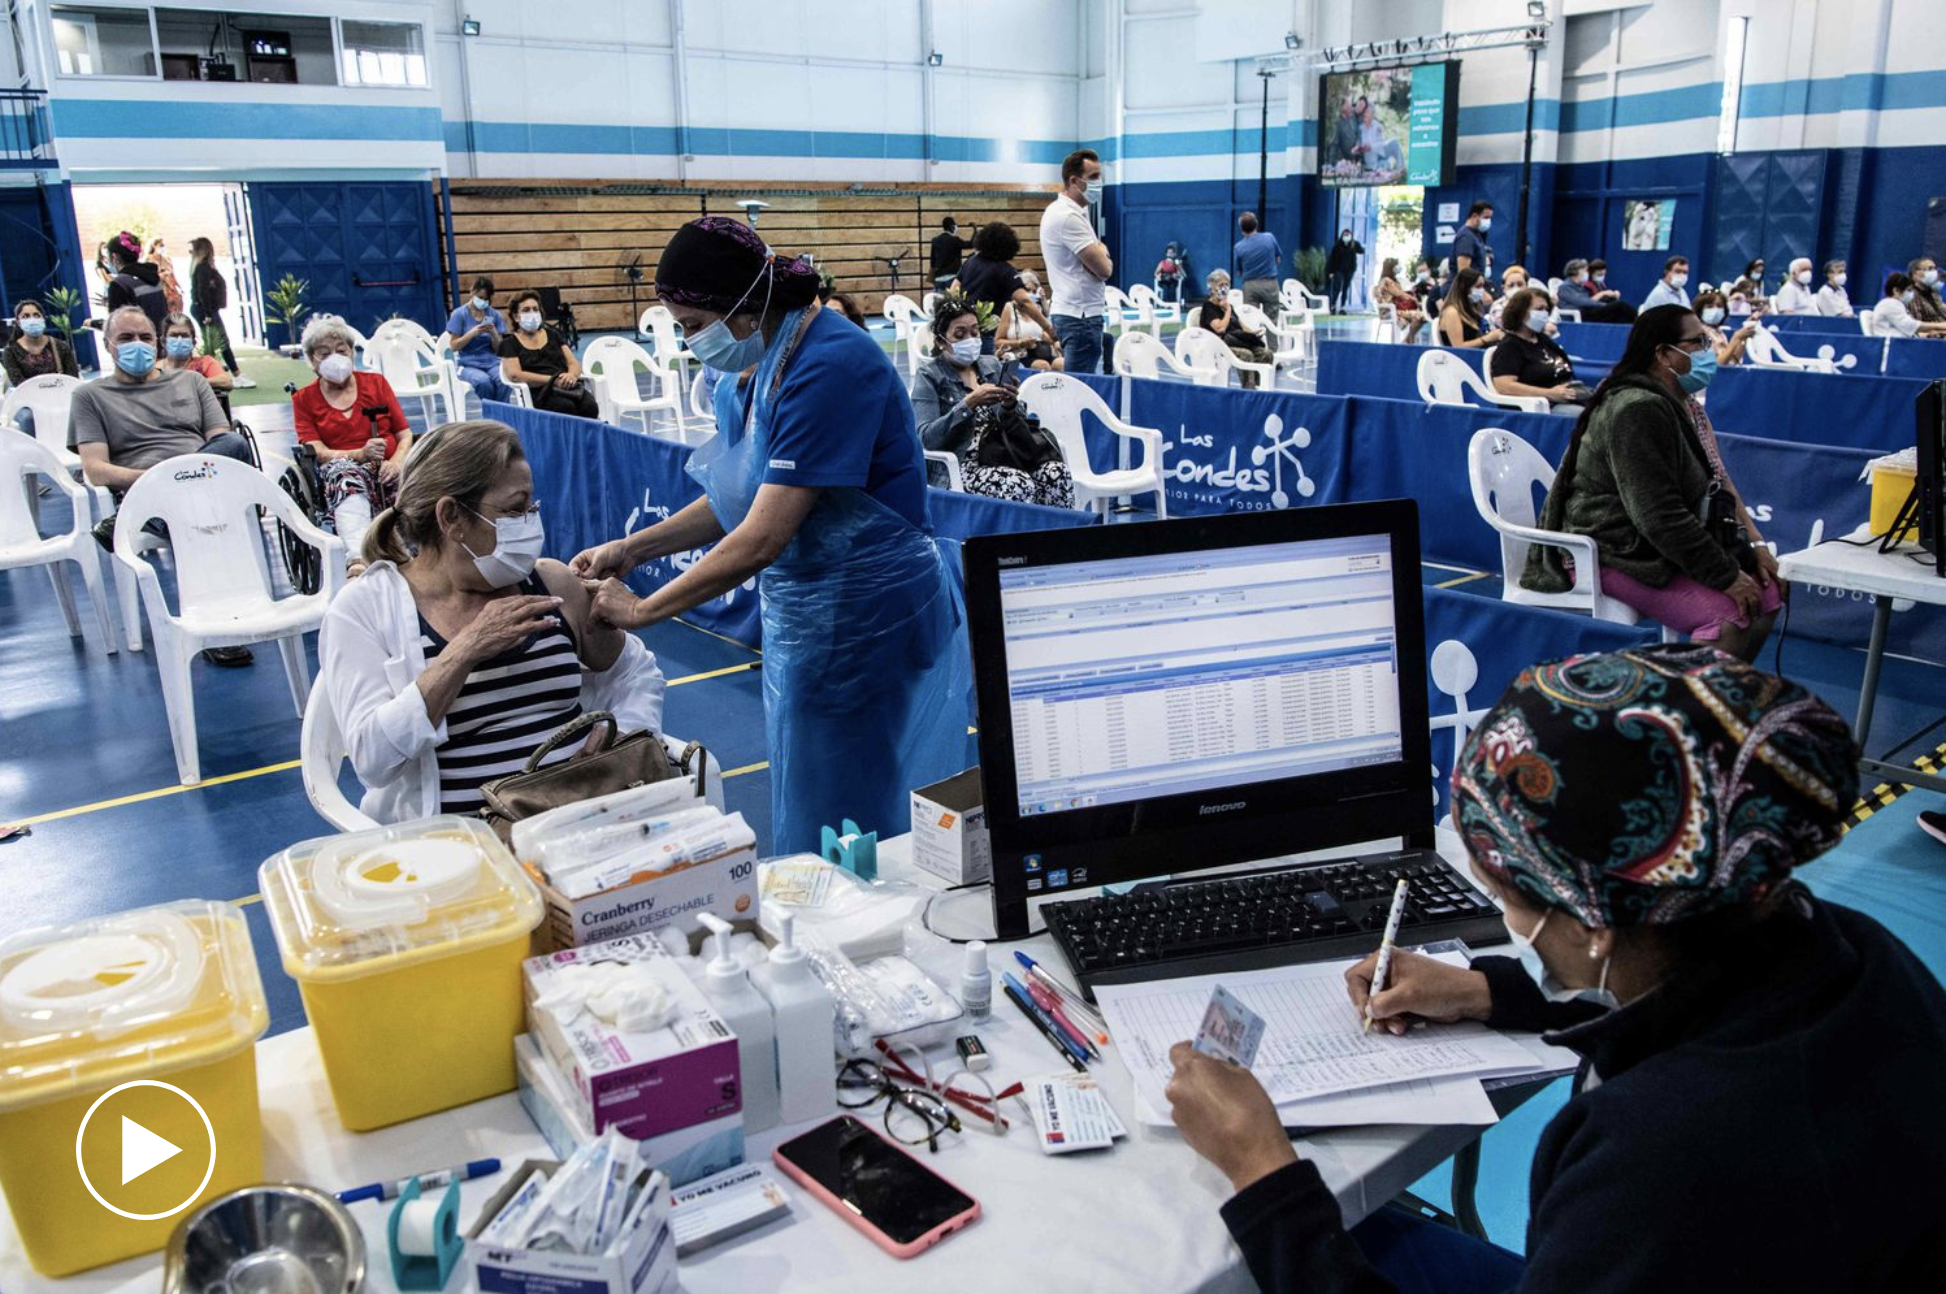 El País: Cómo hizo Chile para vacunar al 16% de su población en solo 21 días